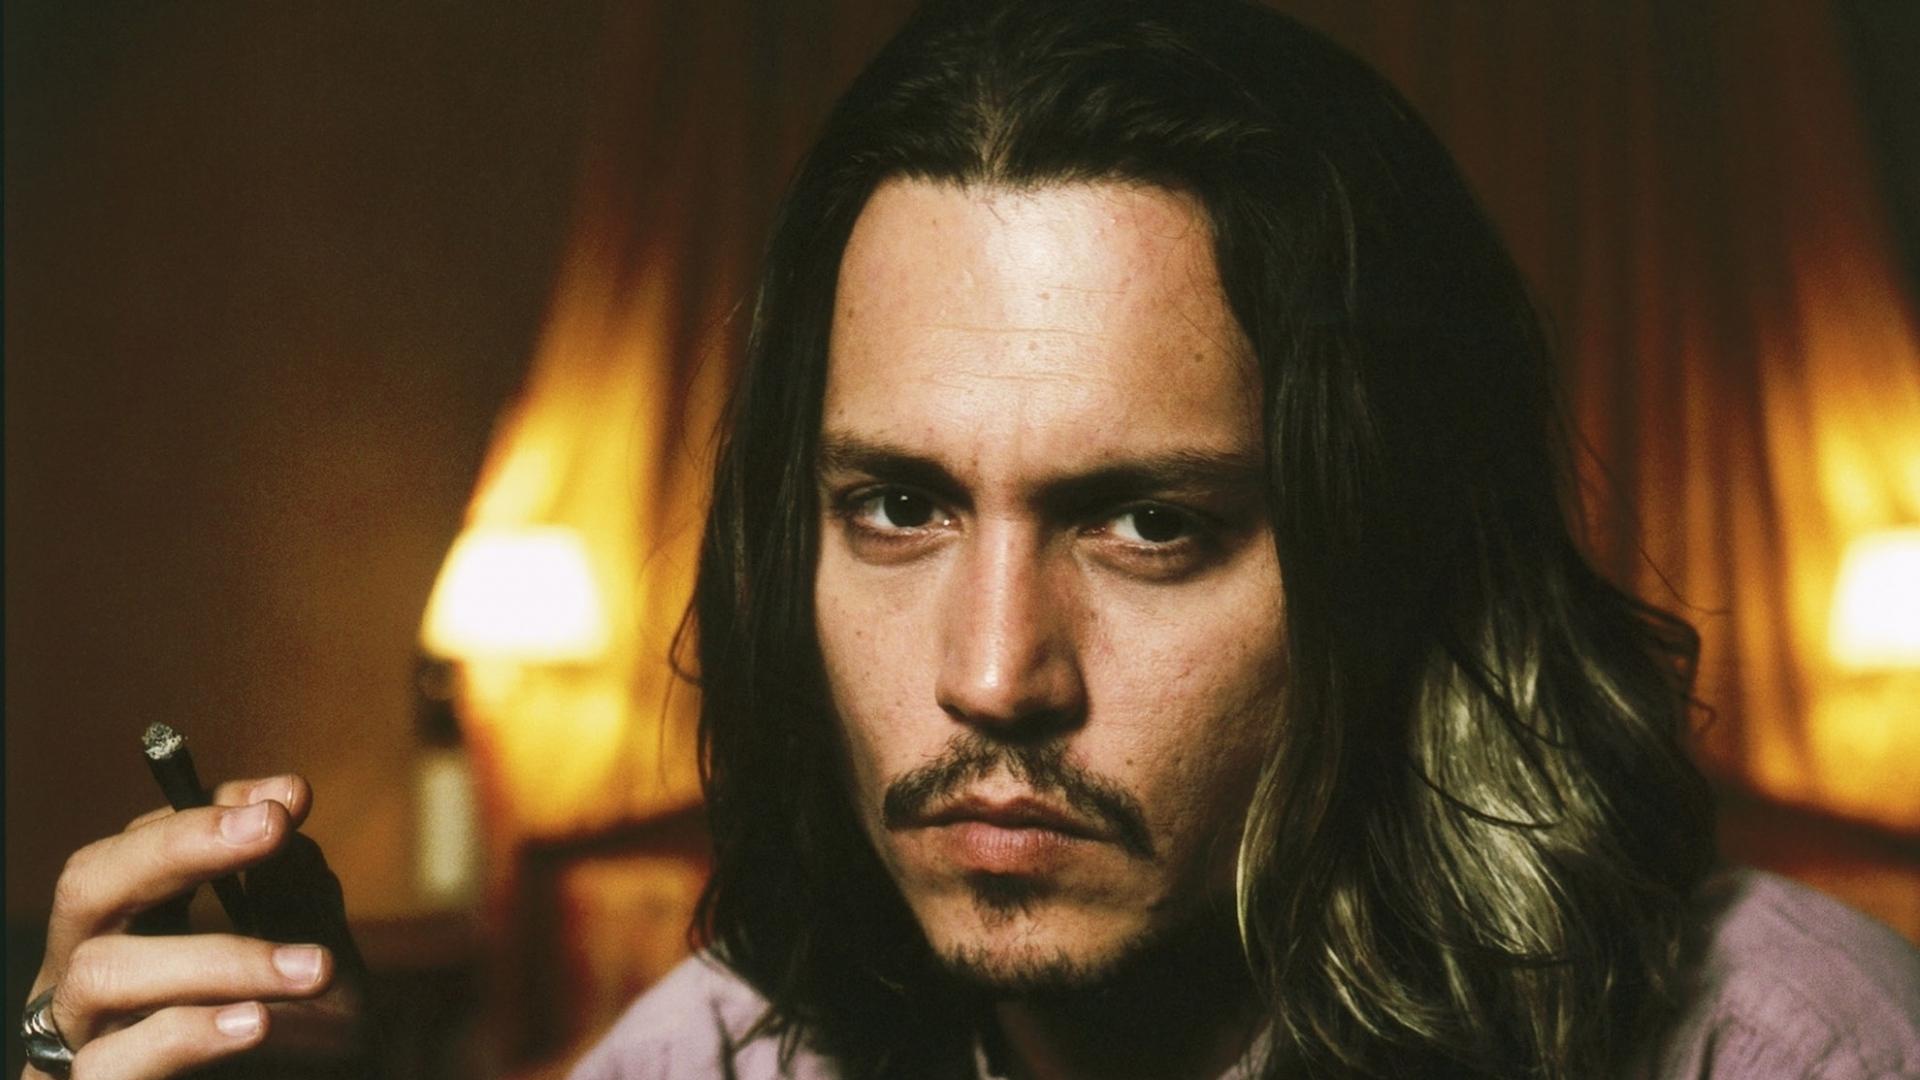 Johnny Depp Actor Man